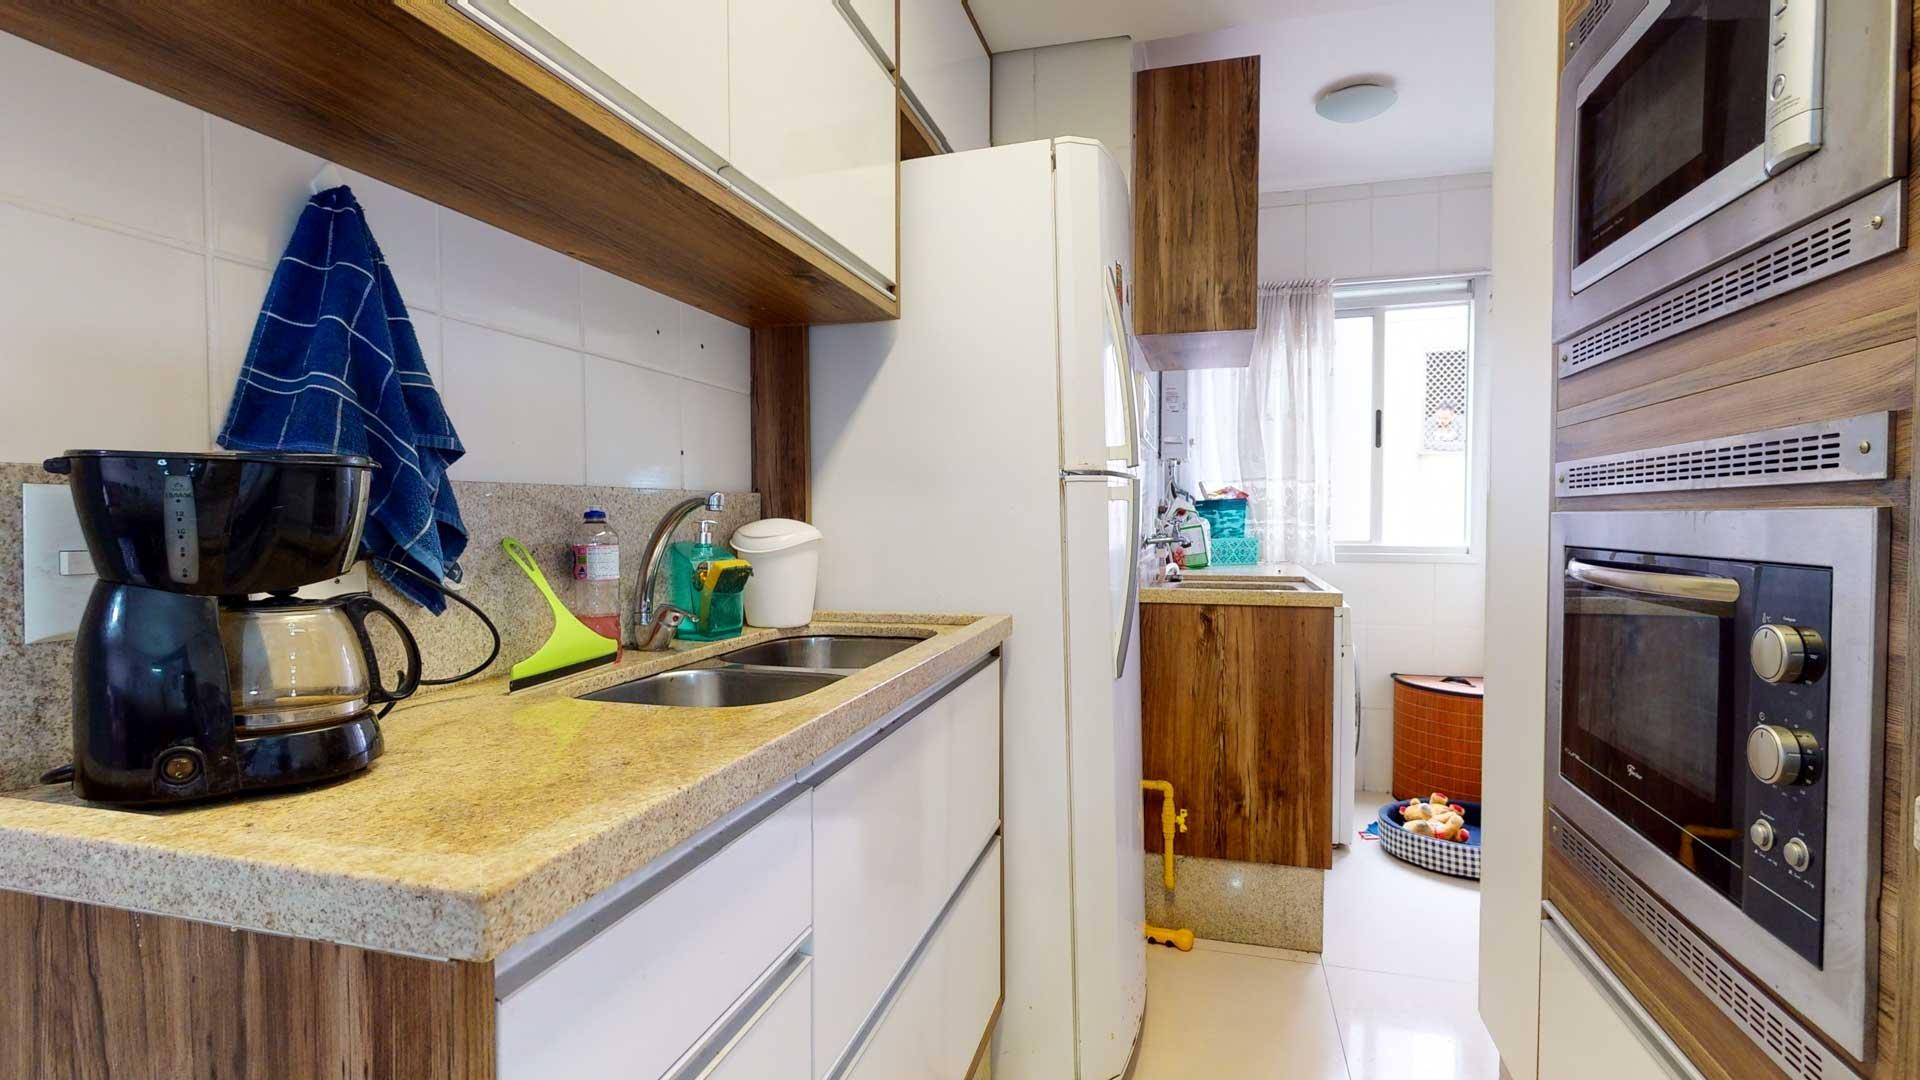 Rua Bactória 164 apto. 711, Aricanduva, São Paulo 03472-100, 2 Dormitórios Dormitórios, 1 Sala Salas,1 BanheiroBanheiros,Apartamento,Vendas,Floriza,Rua Bactória,7,1060